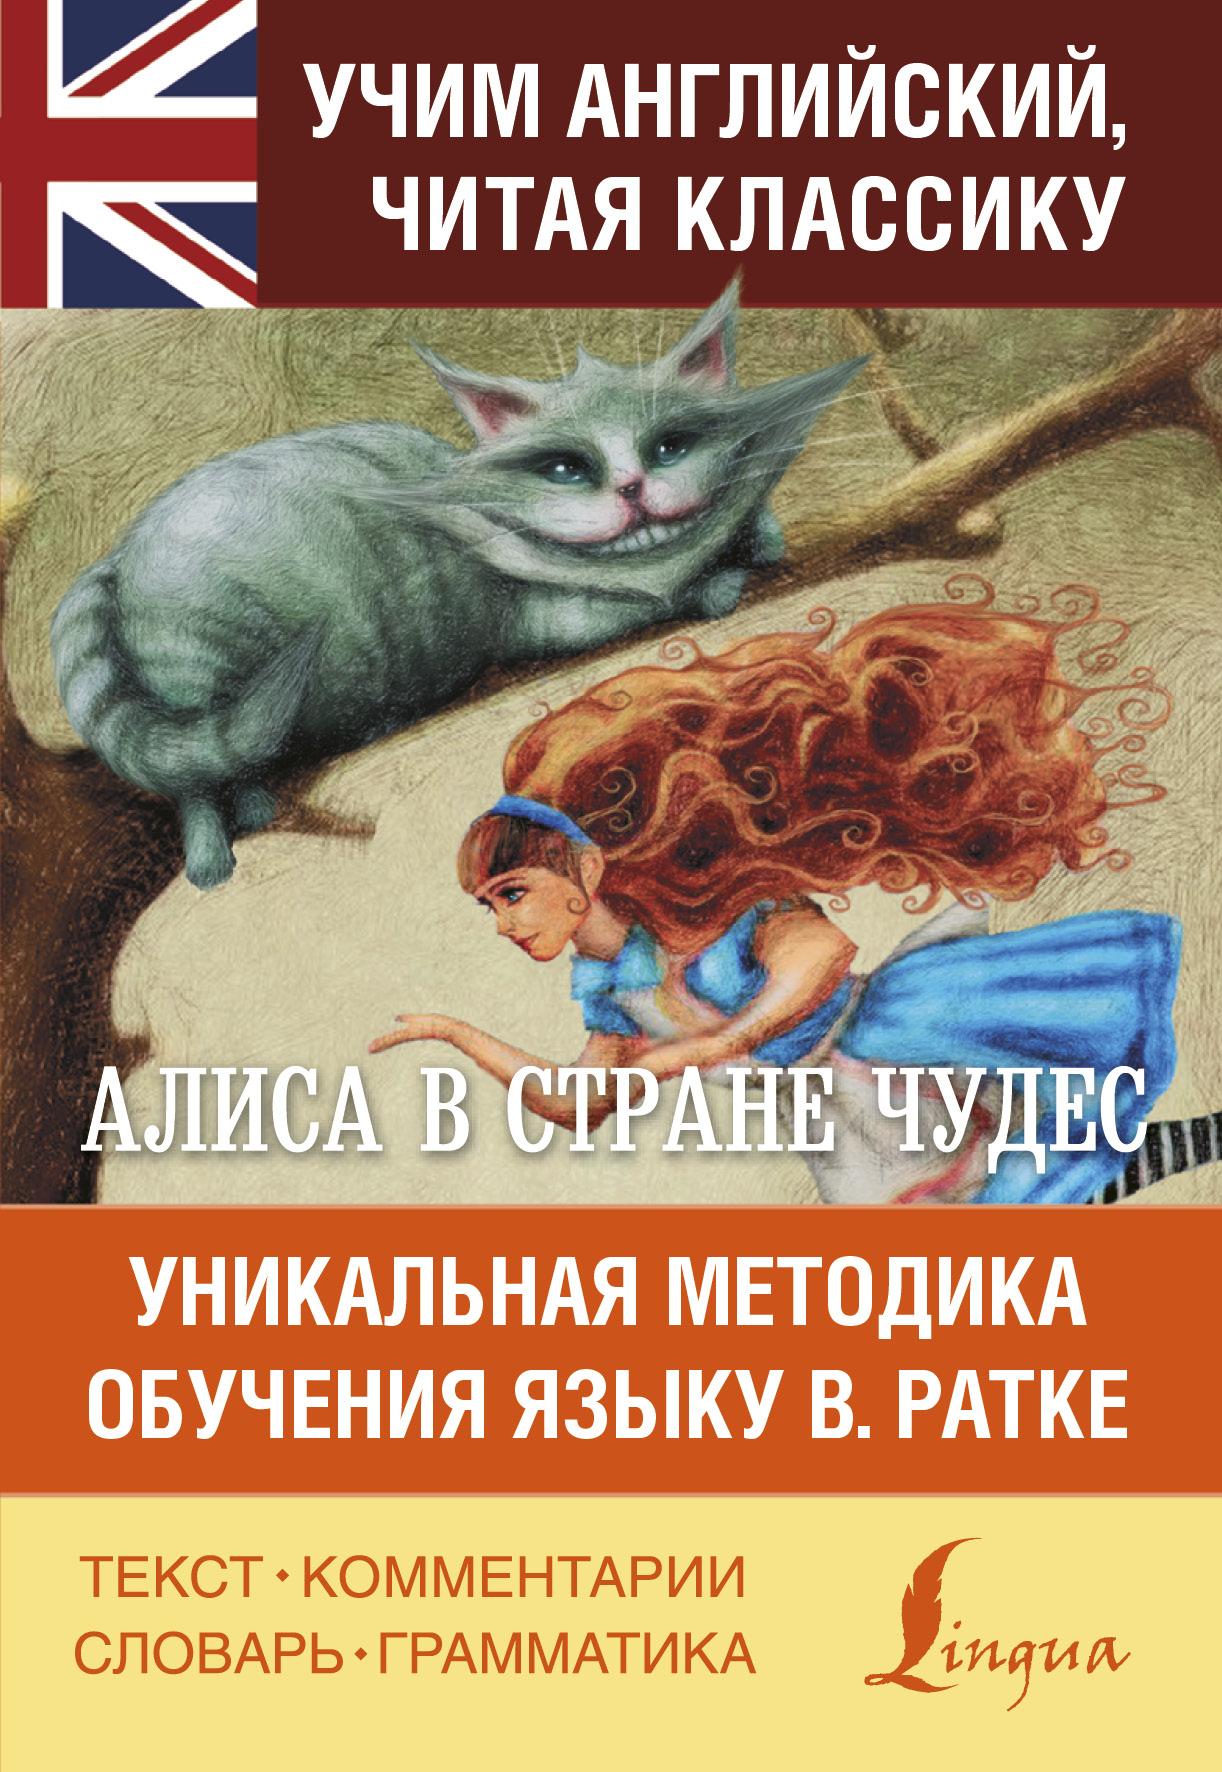 Алиса в стране чудес. Уникальная методика обучения языку В.Ратке ( Кэрролл Л.  )